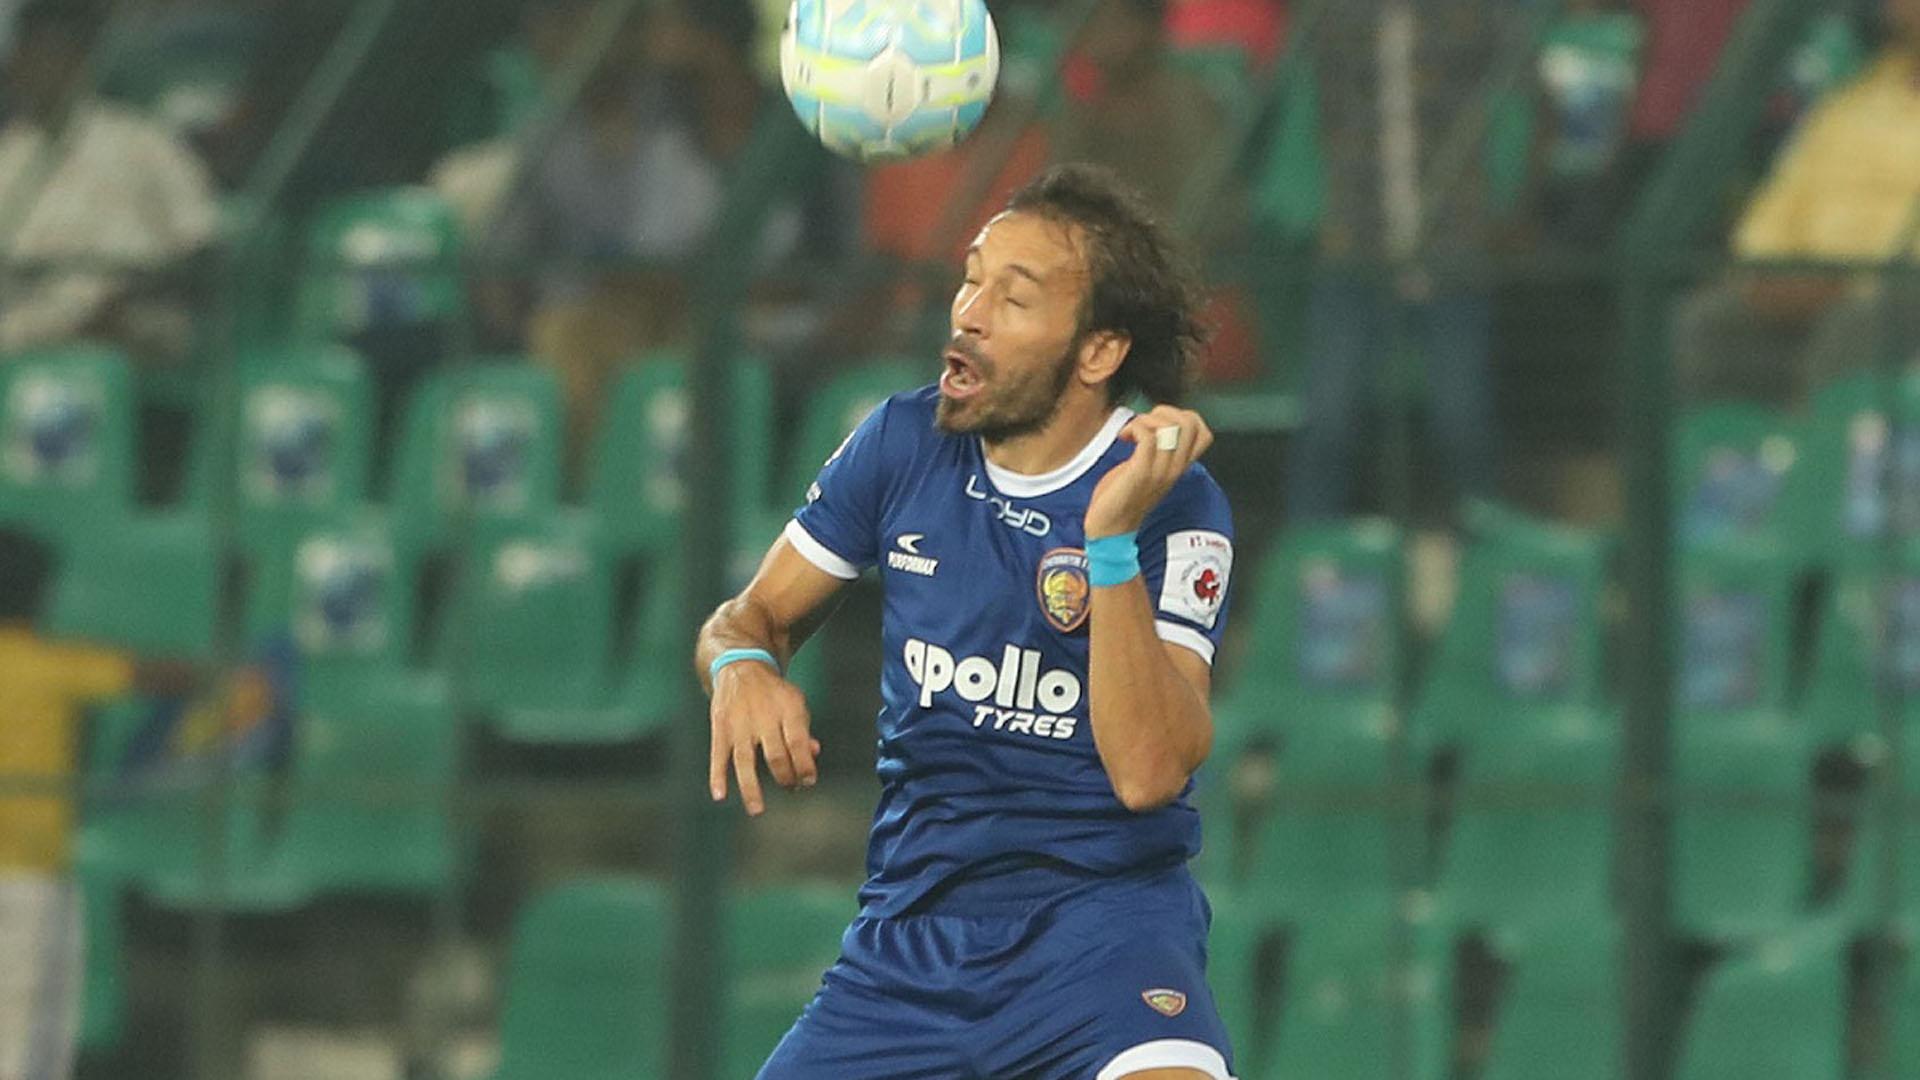 Inigo Calderon Chennaiyin FC NorthEast United FC ISL season 4 2017/2018